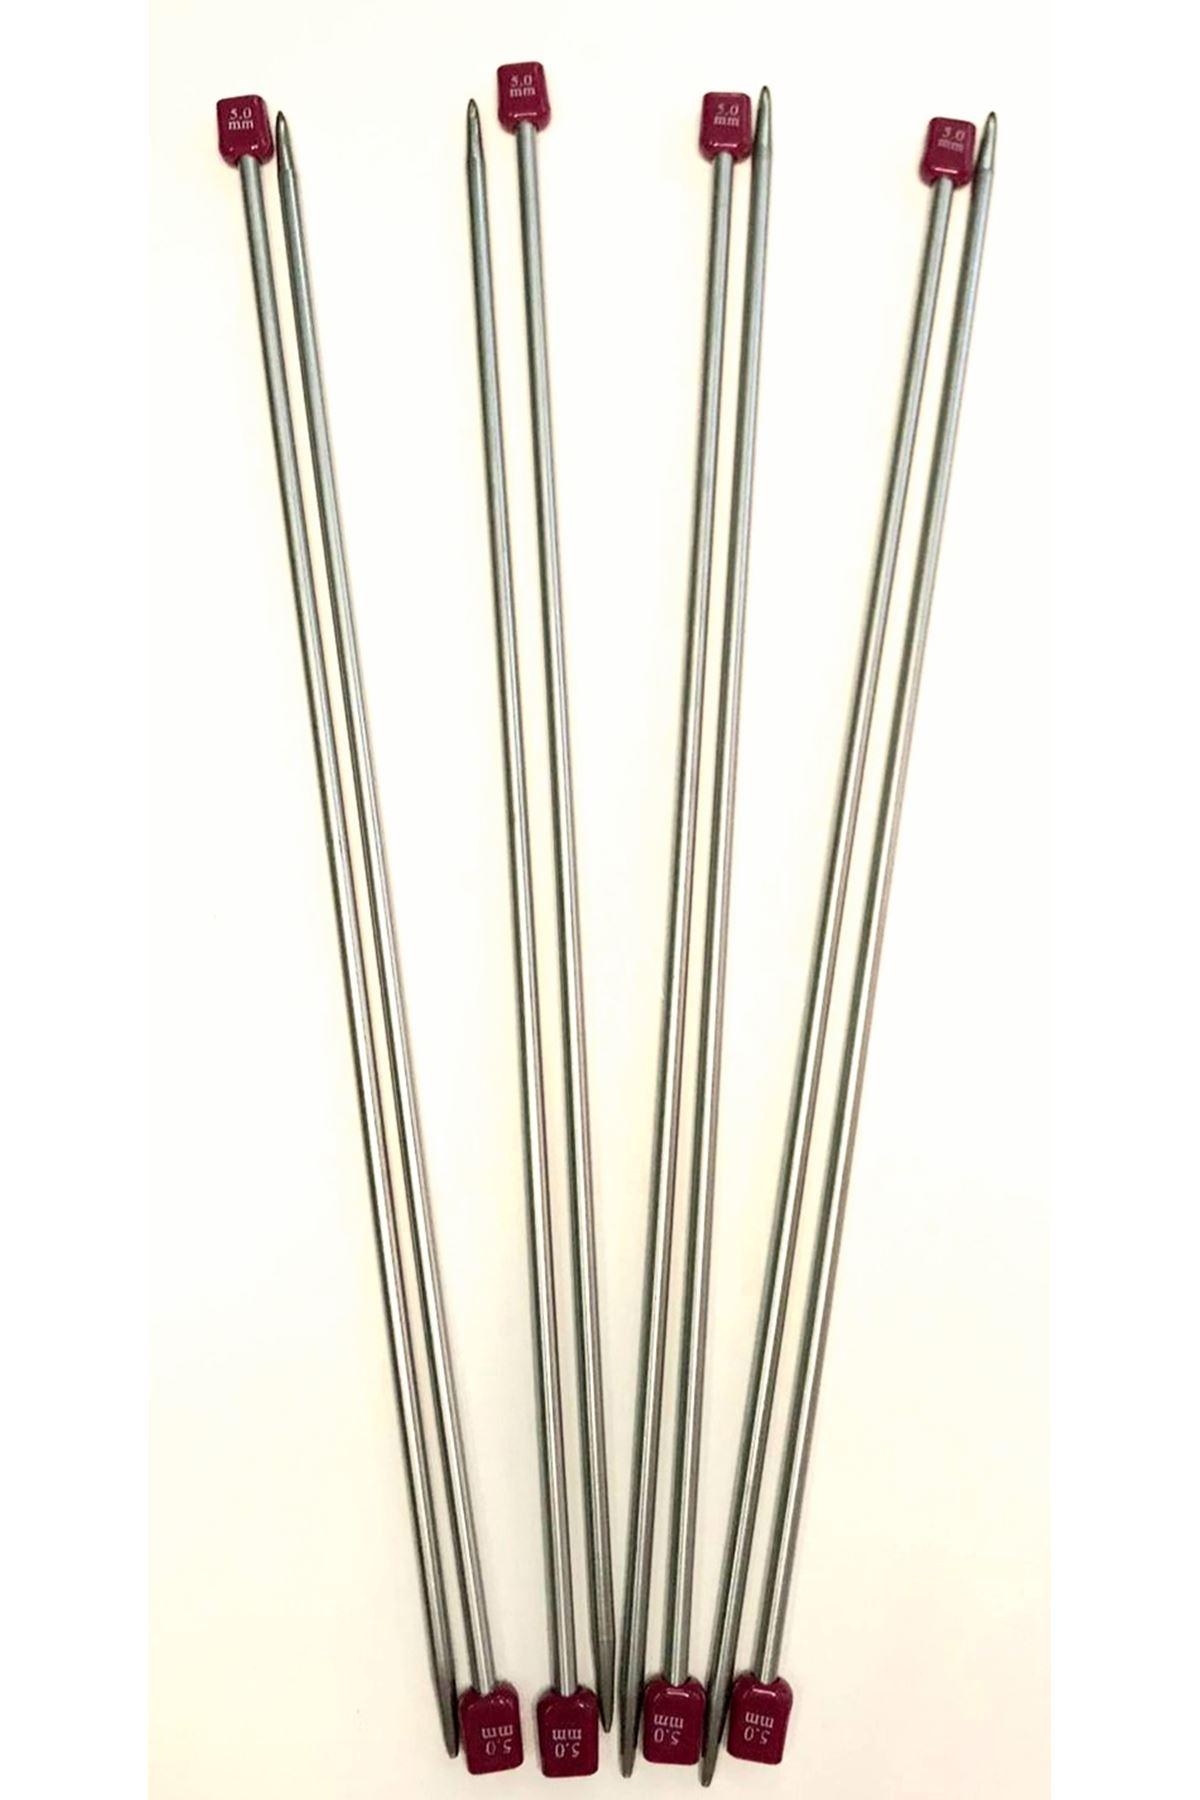 Titanyum/Çelik Şiş 2,5 mm